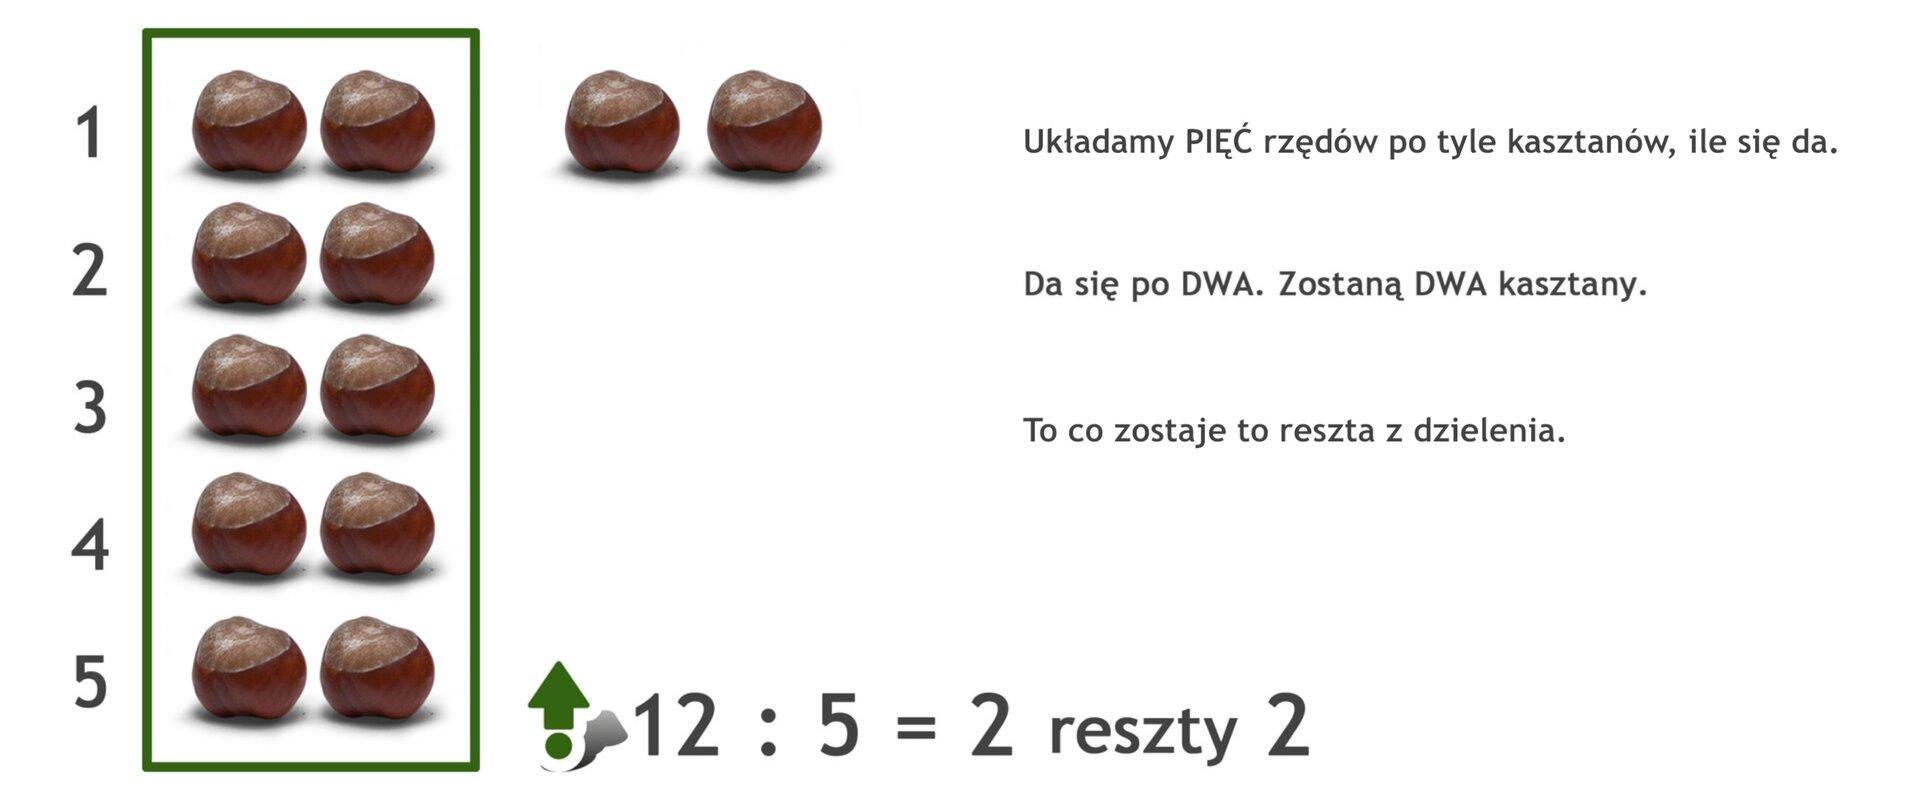 Na rysunku 12 kasztanów. Podzielono je na 5 rzędów po dwa kasztany wkażdym. Zostały 2 kasztany. Działanie: 12 dzielone przez 5 =2 reszty 2.